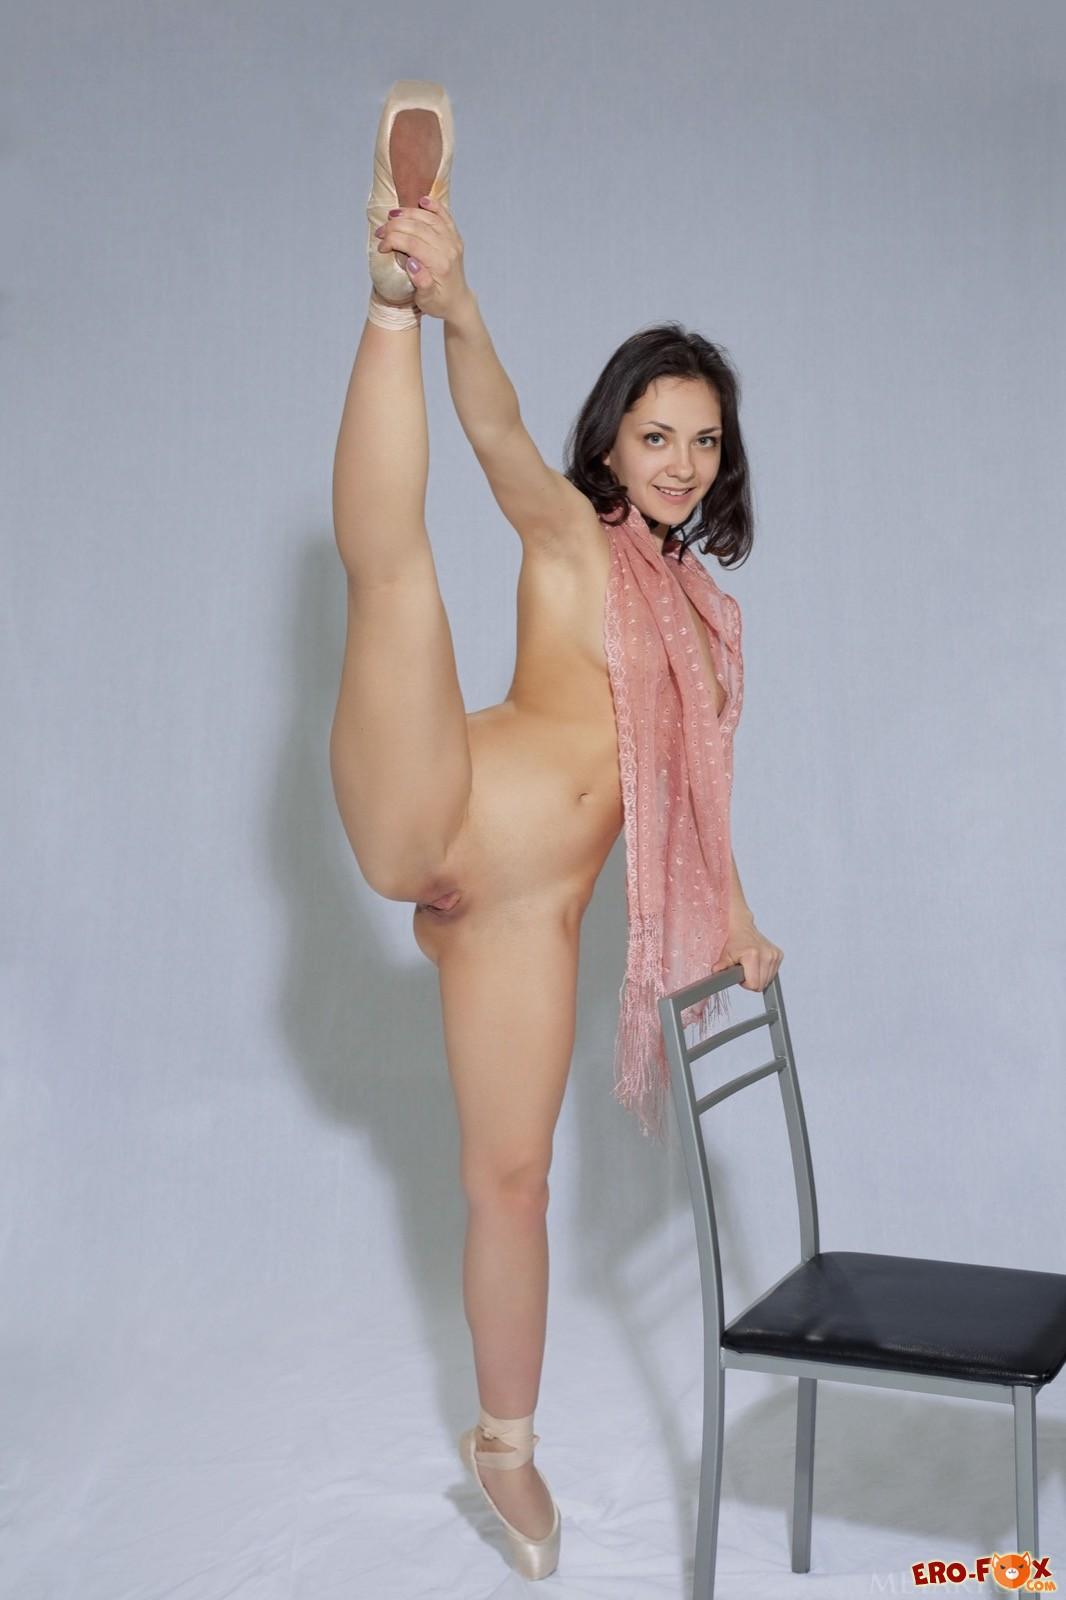 Молодая балерина с голой попкой раздвигает ноги - фото